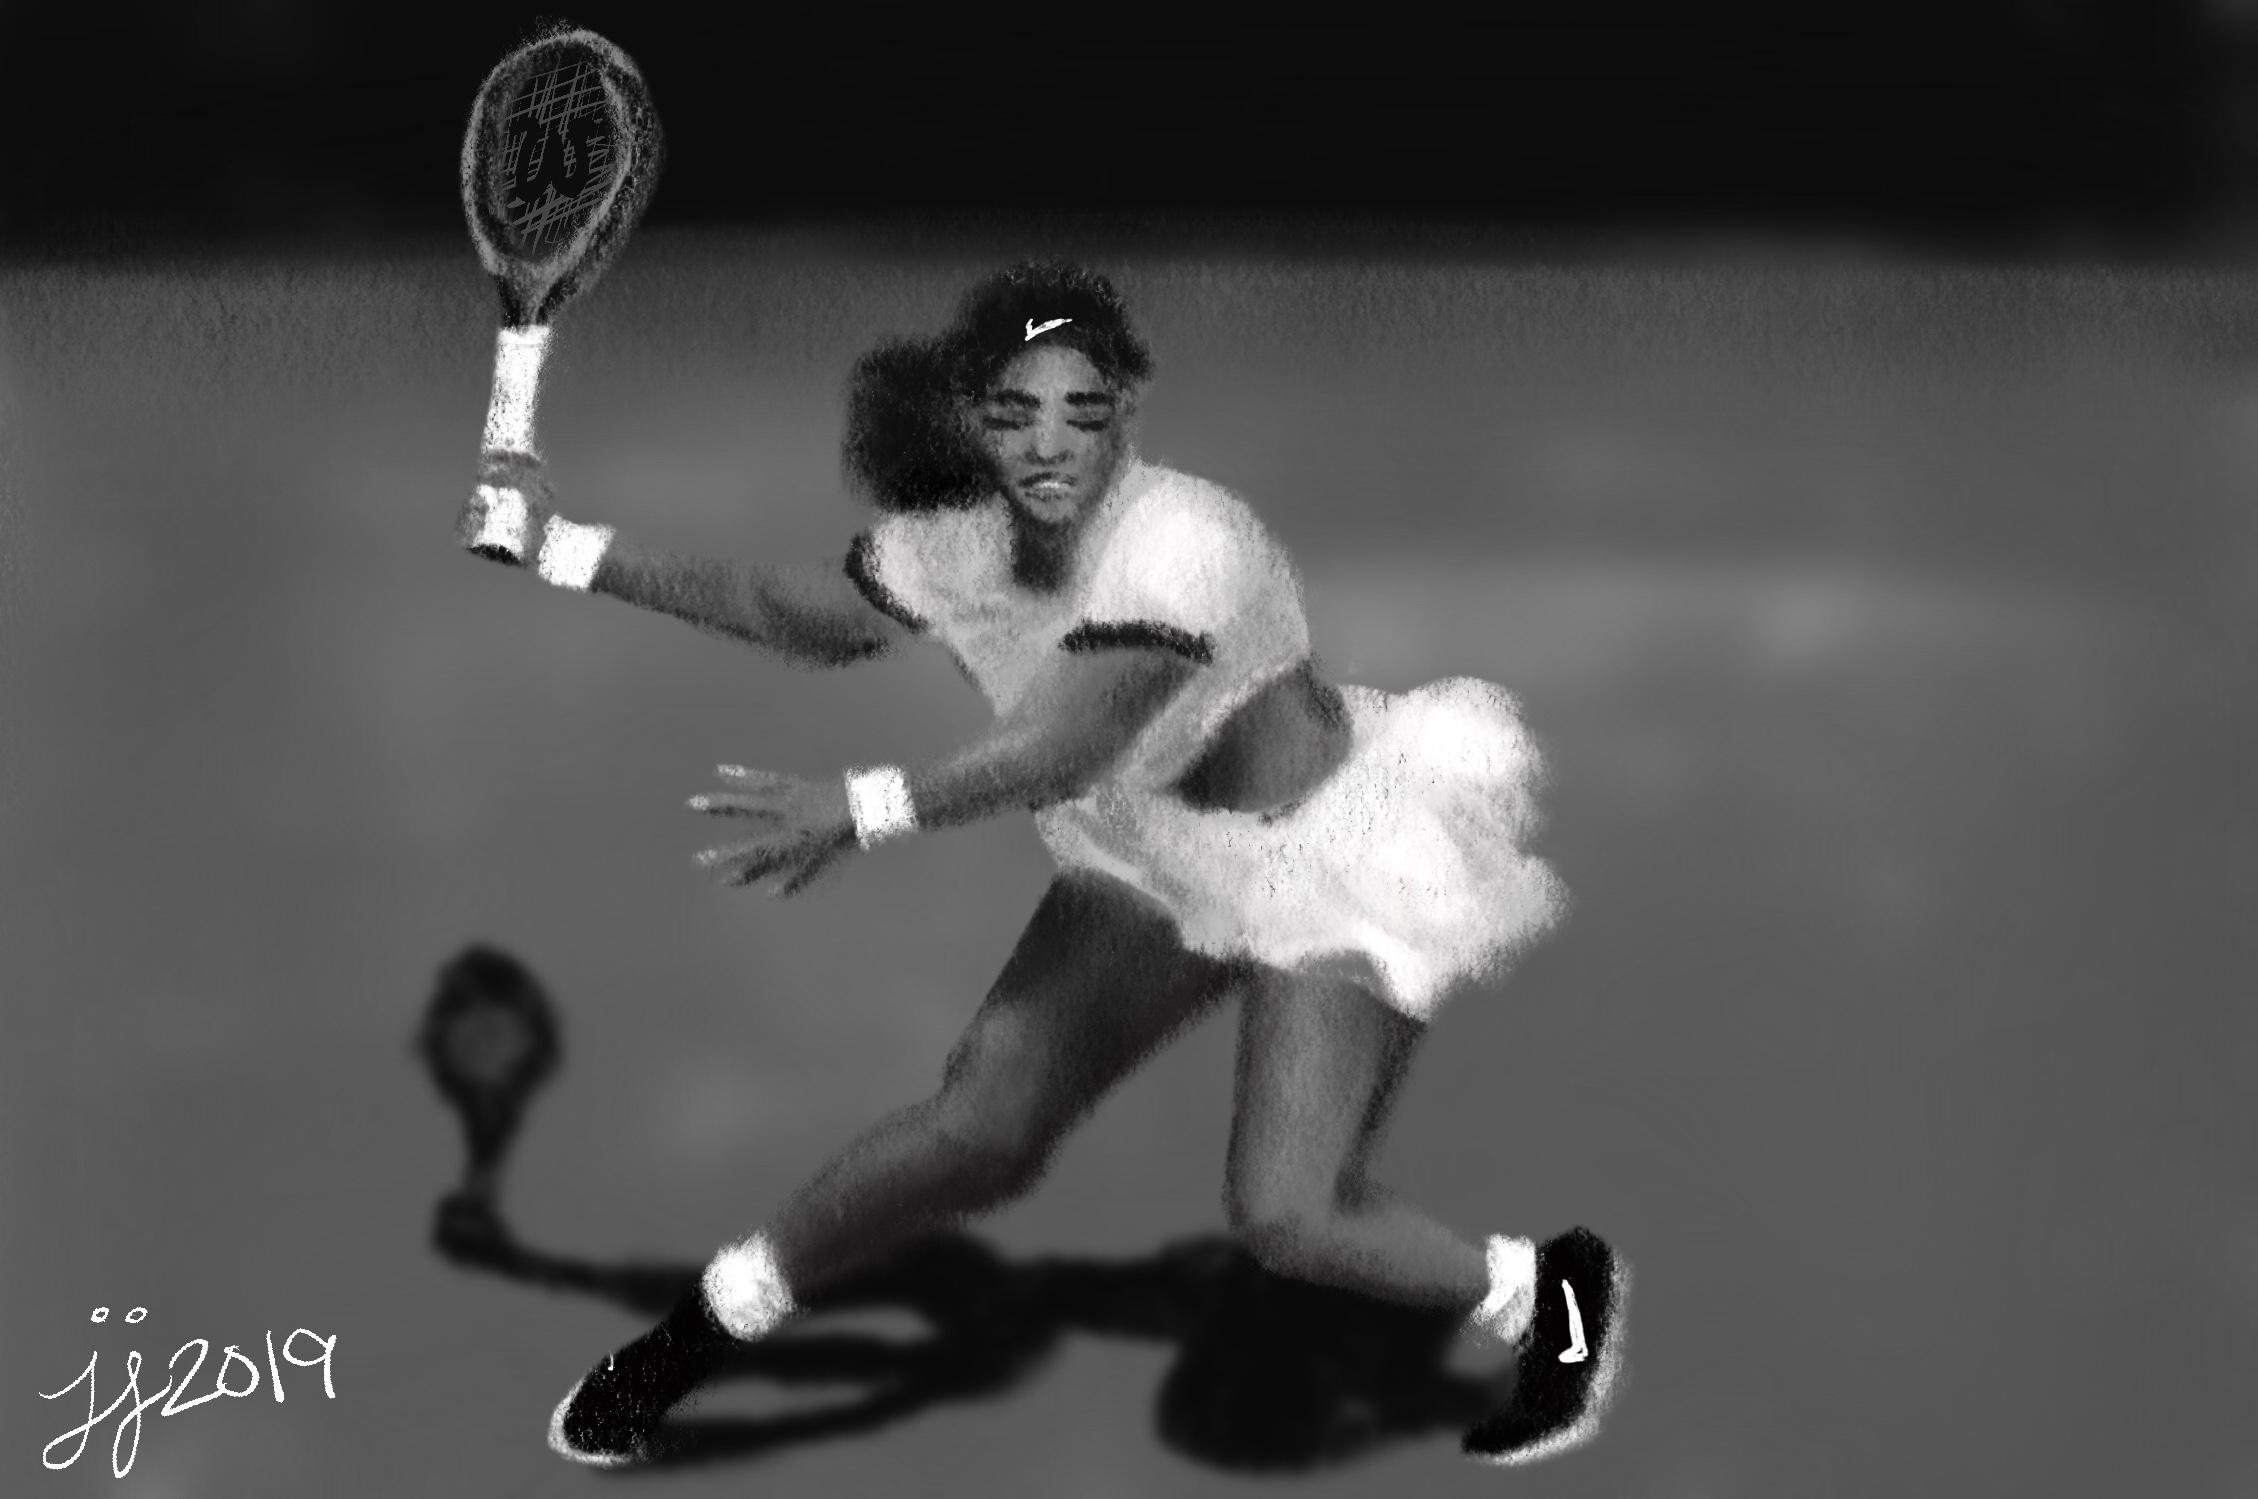 Tennis GOAT Serena Williams